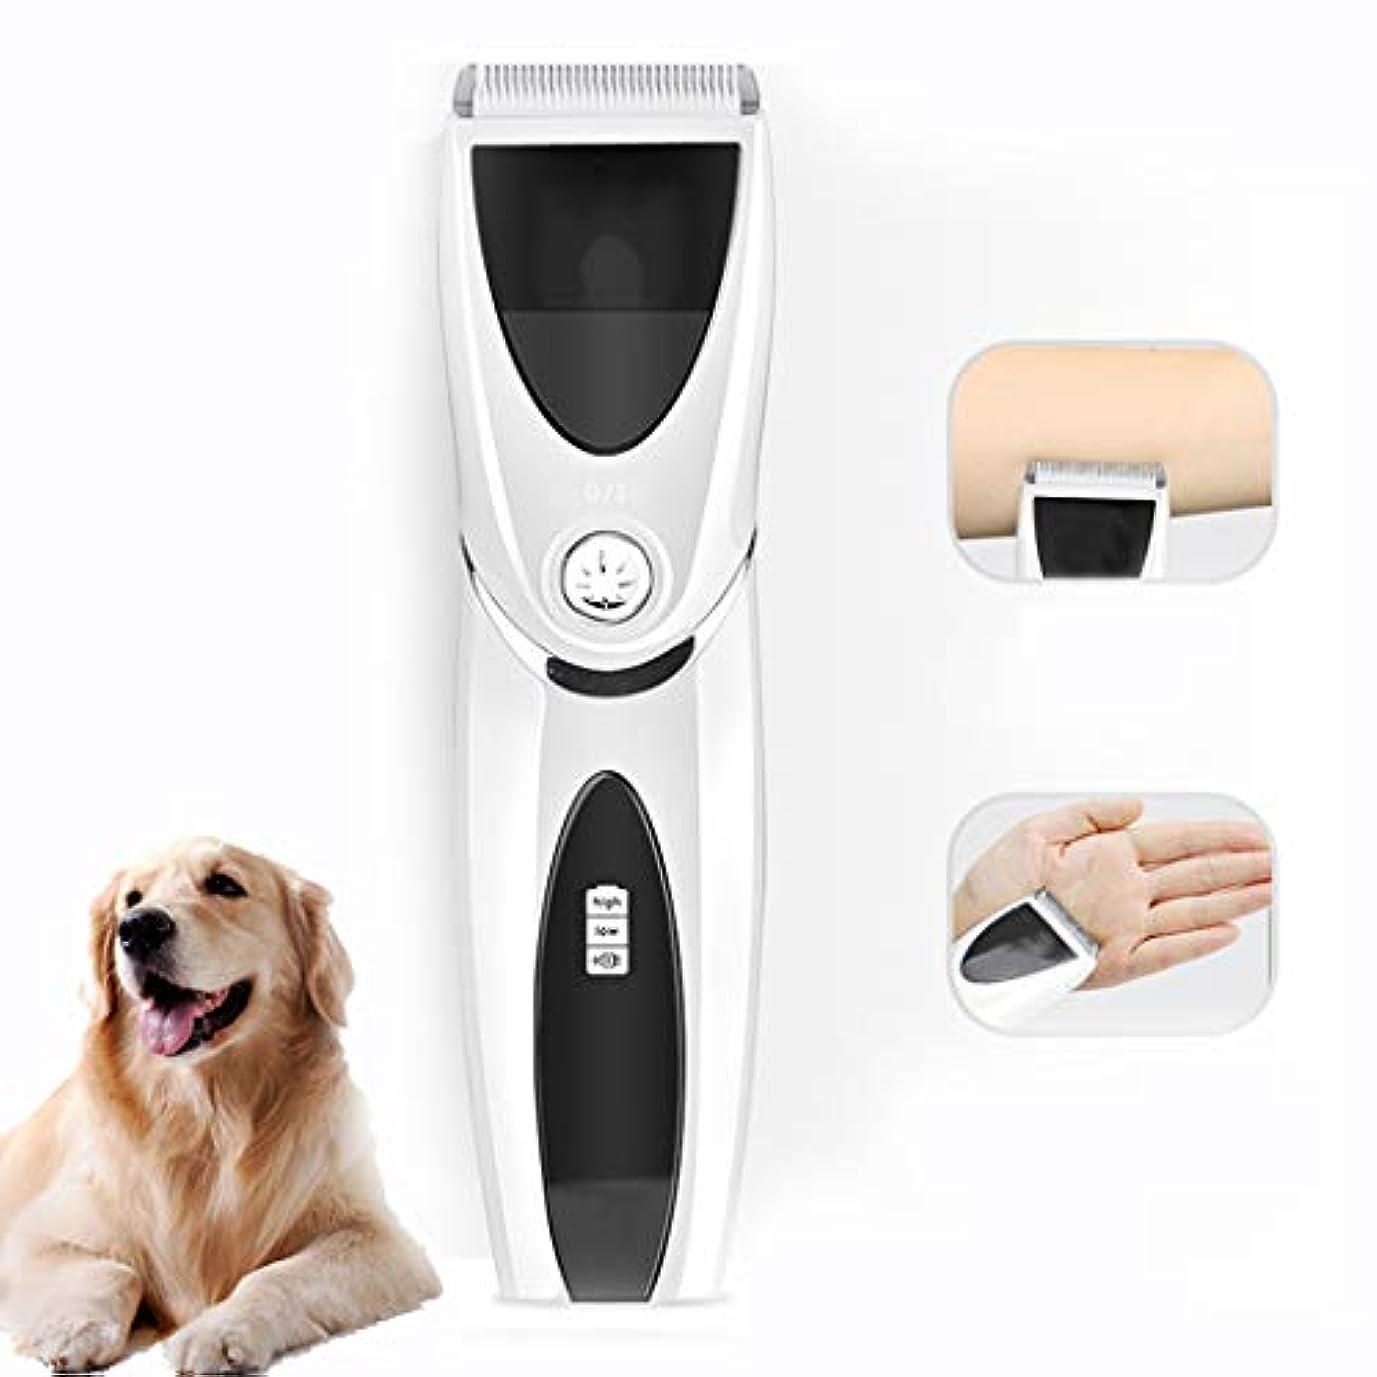 次日常的に田舎者犬用バリカン、低雑音犬グルーミングクリッパー充電式コードレスペット毛トリマー、犬猫ペット用最高のバリカン